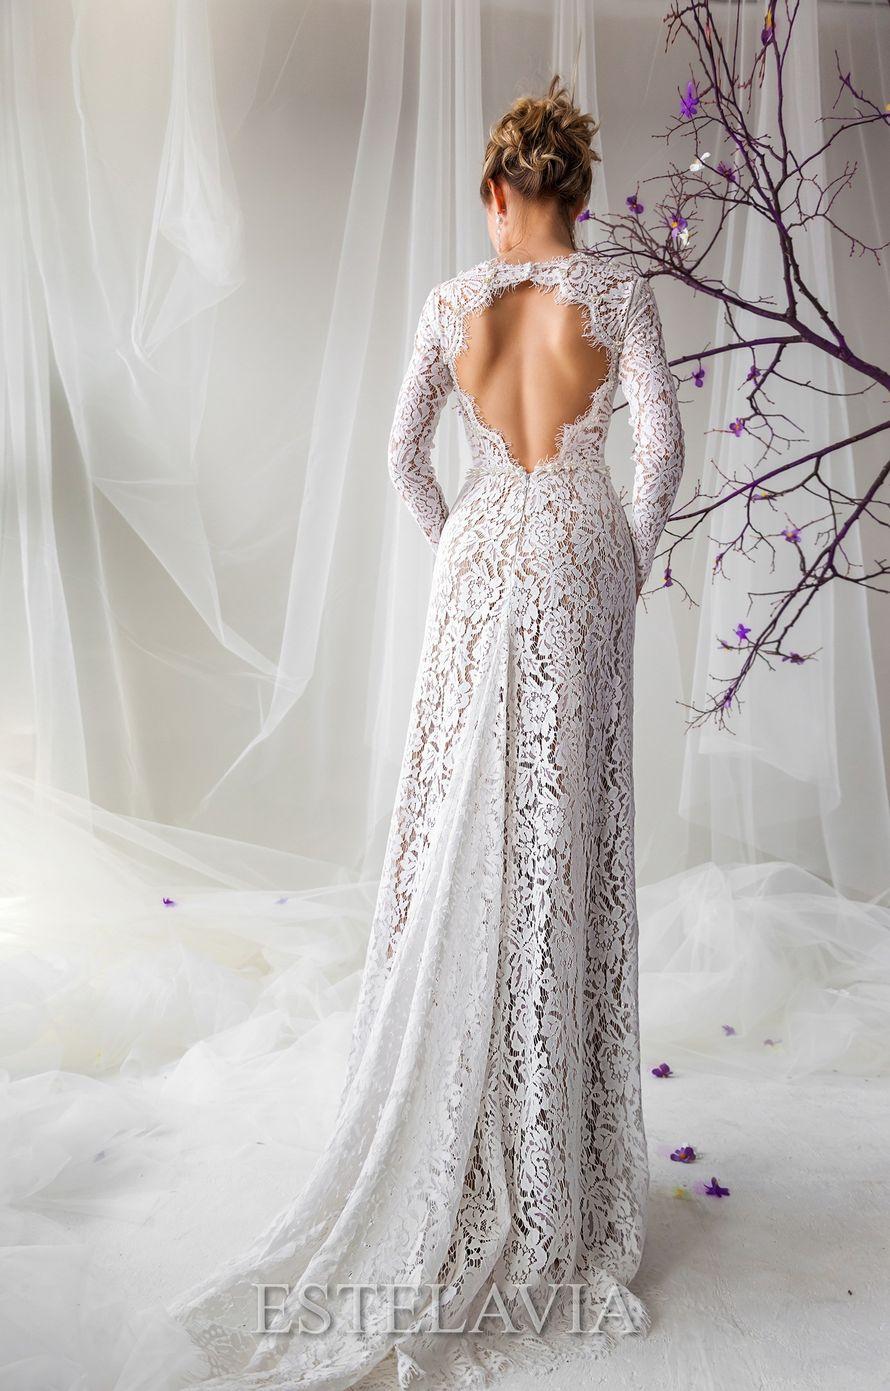 Фото 15450138 в коллекции Estelavia - Tyumen Wedding - салон свадебных платьев